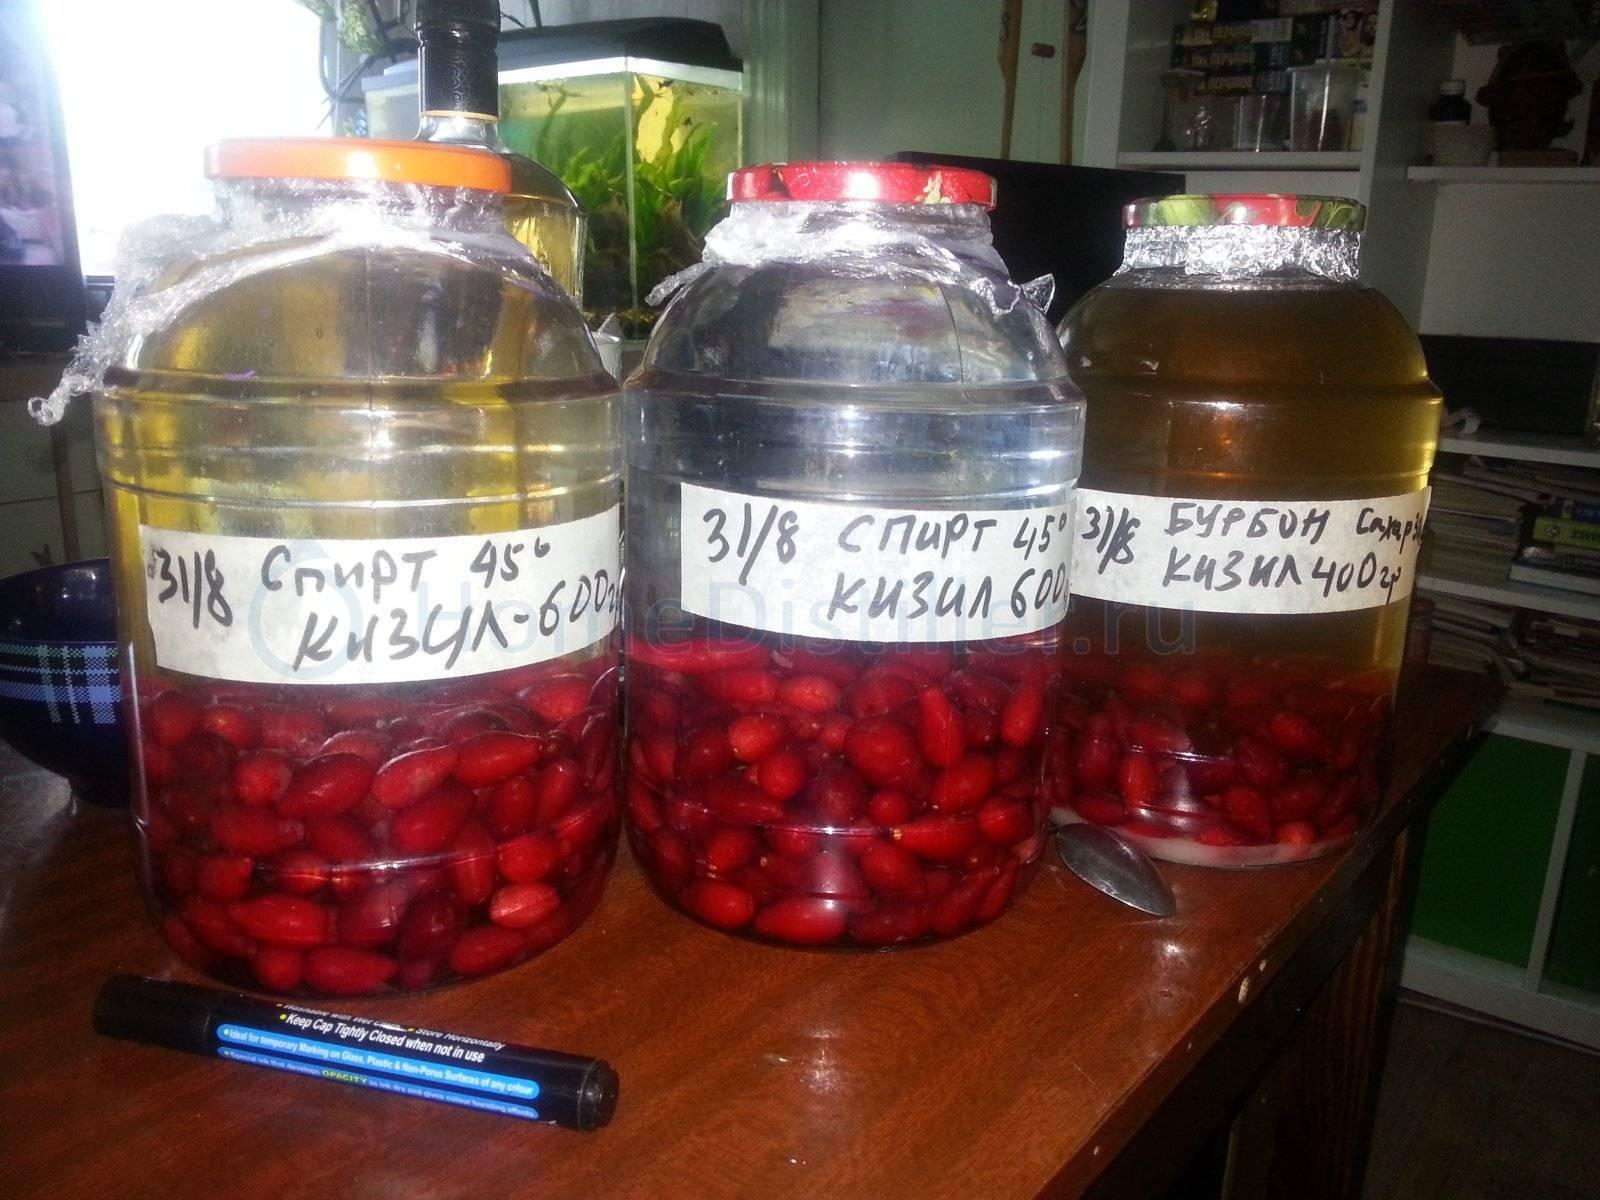 Кизиловая настойка: рецепт на самогоне, водке, коньяке